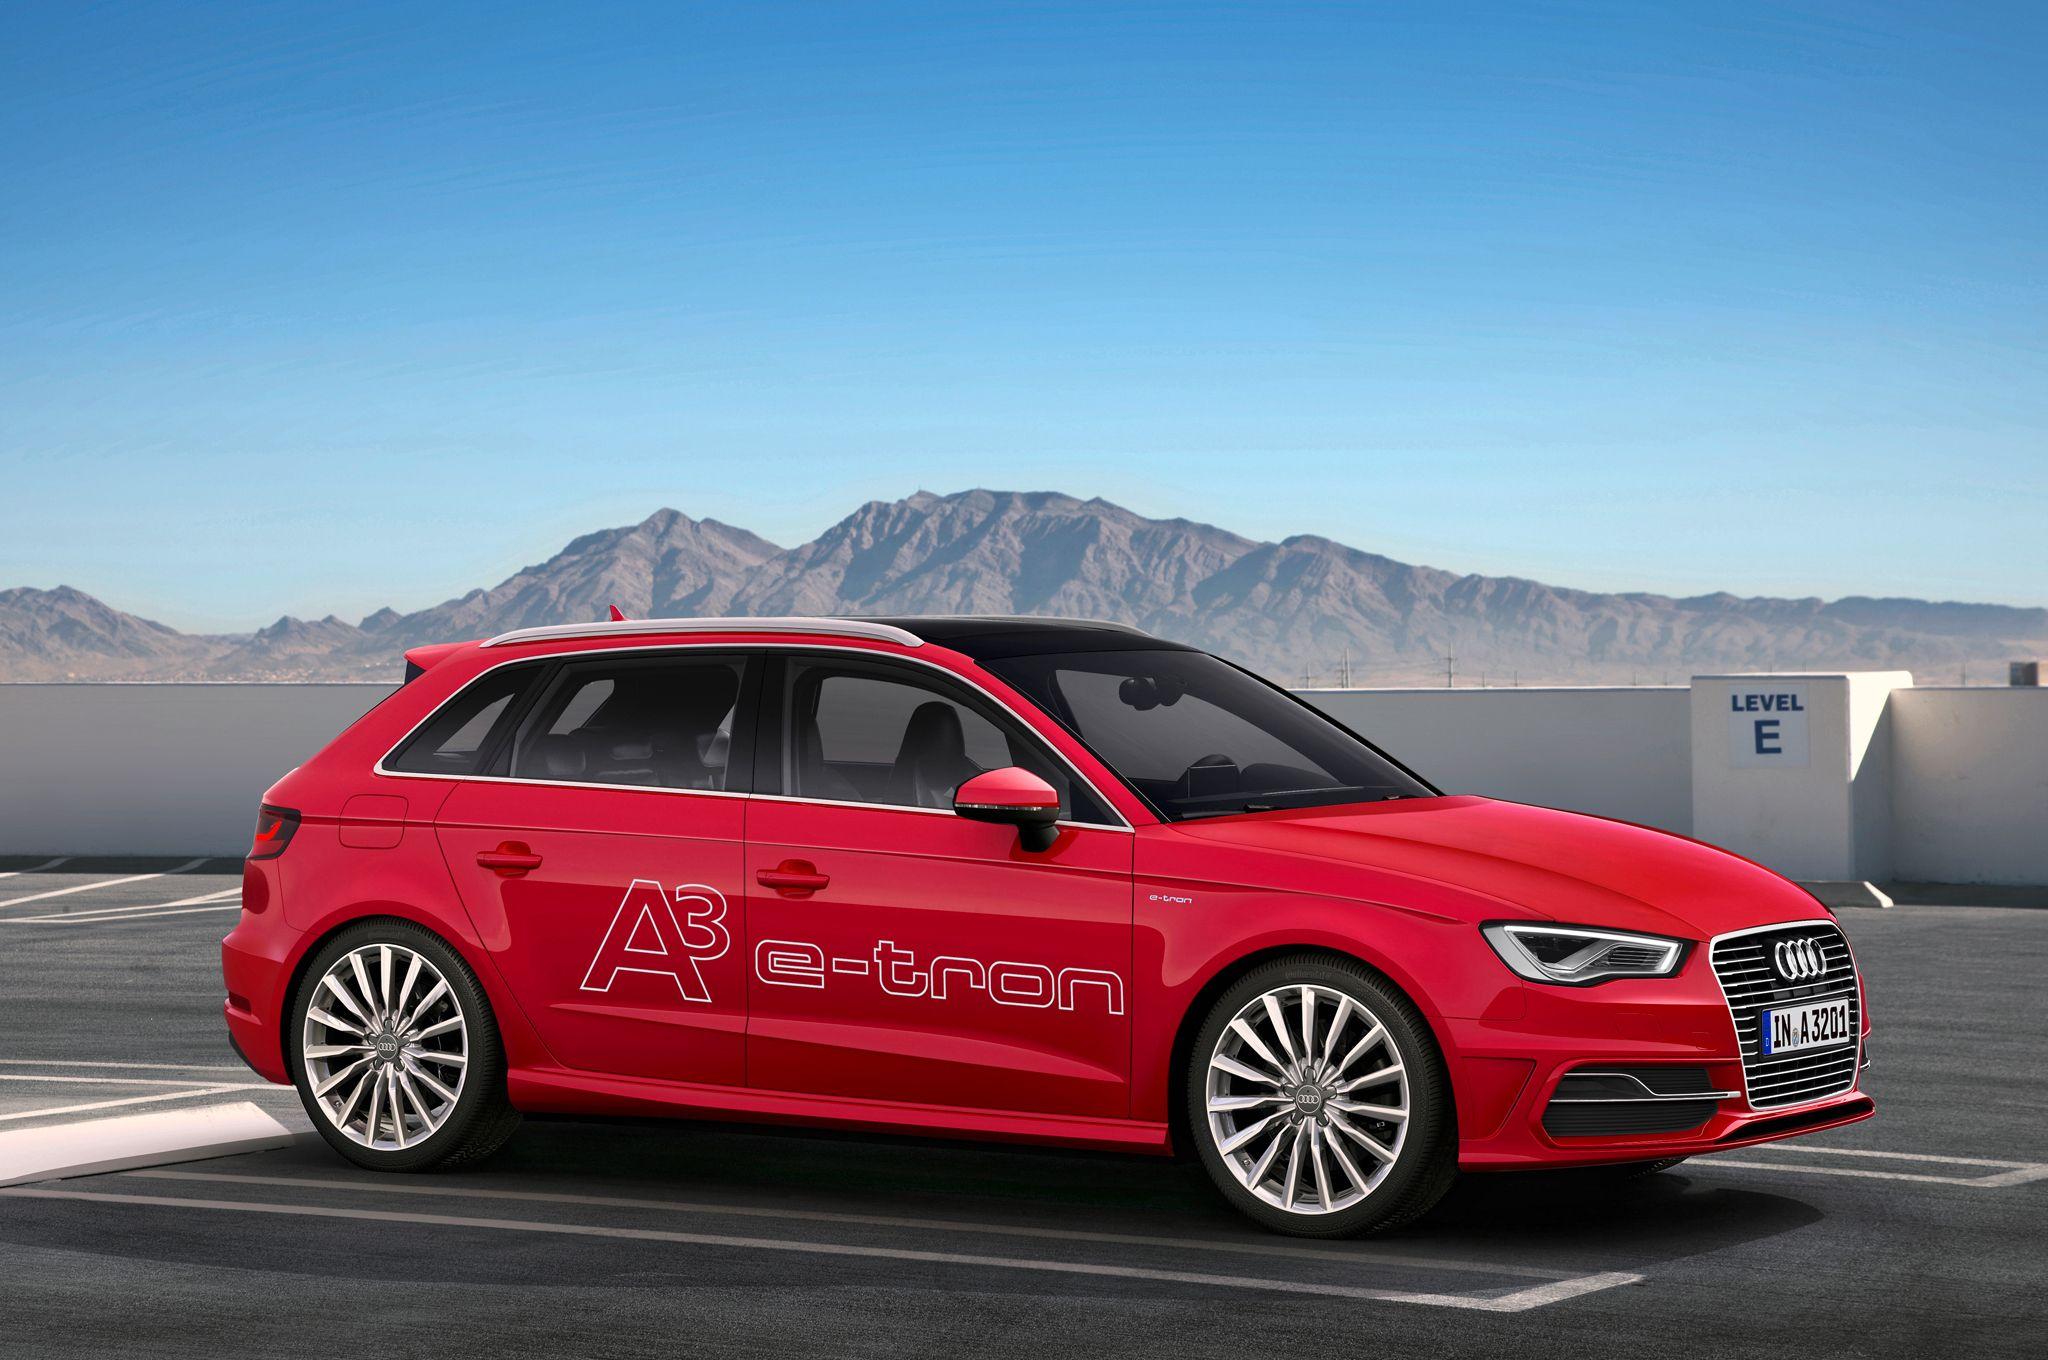 Audi R etron review Autocar Audi a3 sportback, Audi a3